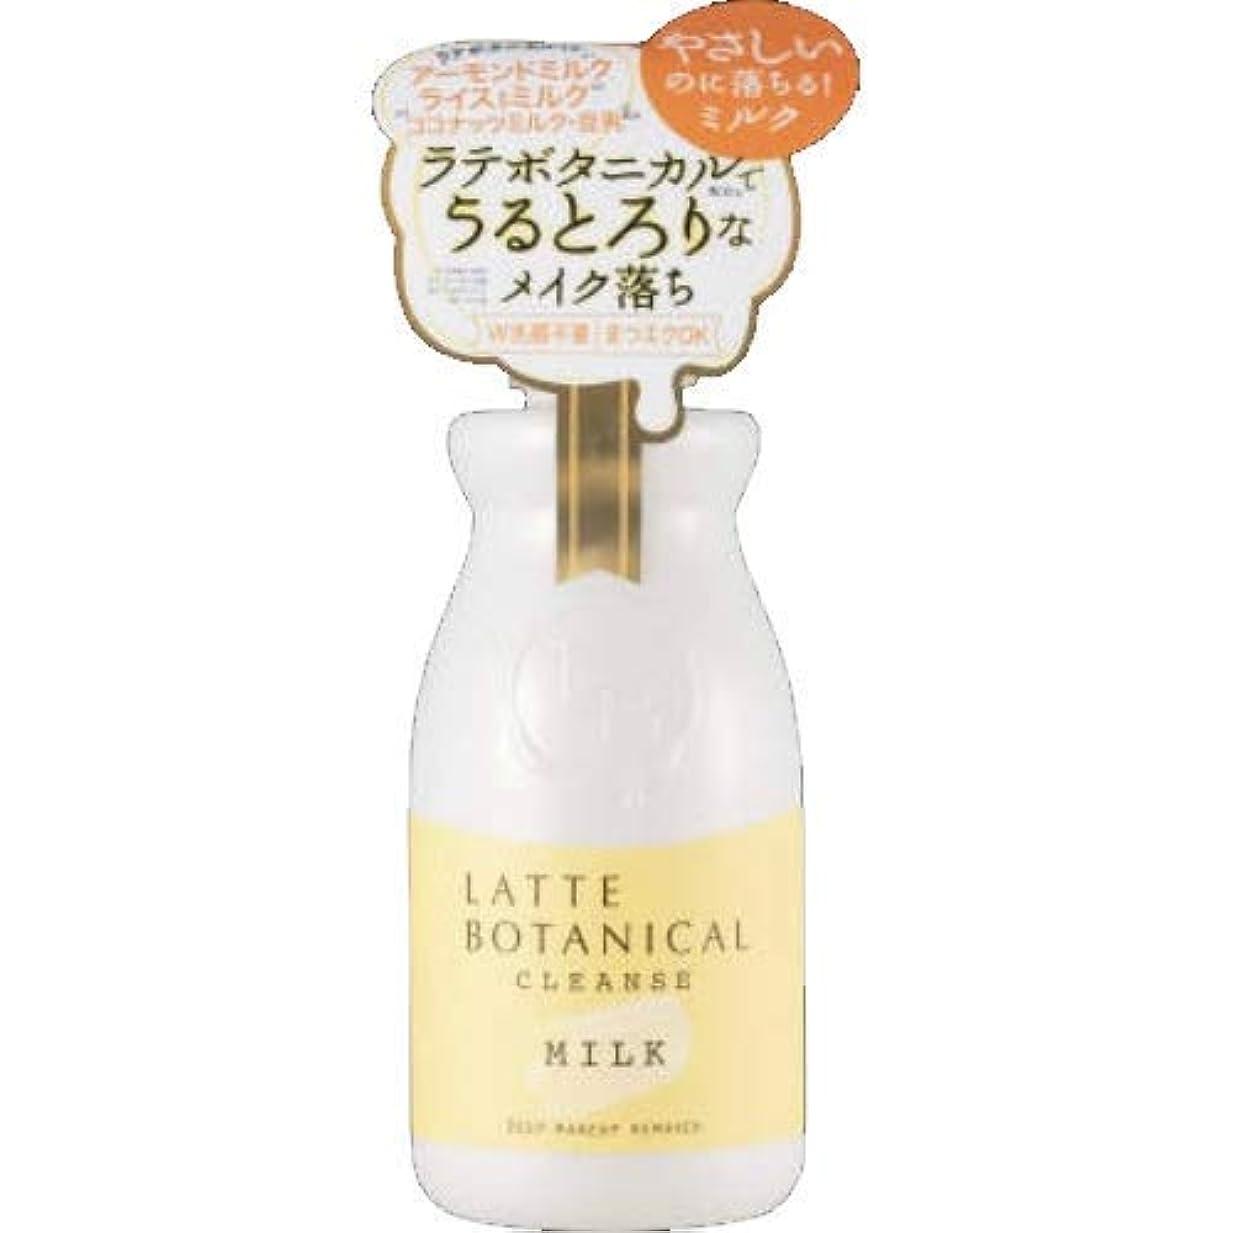 あなたはスクラップブック植物のラテボタニカル クレンズミルクS × 2個セット